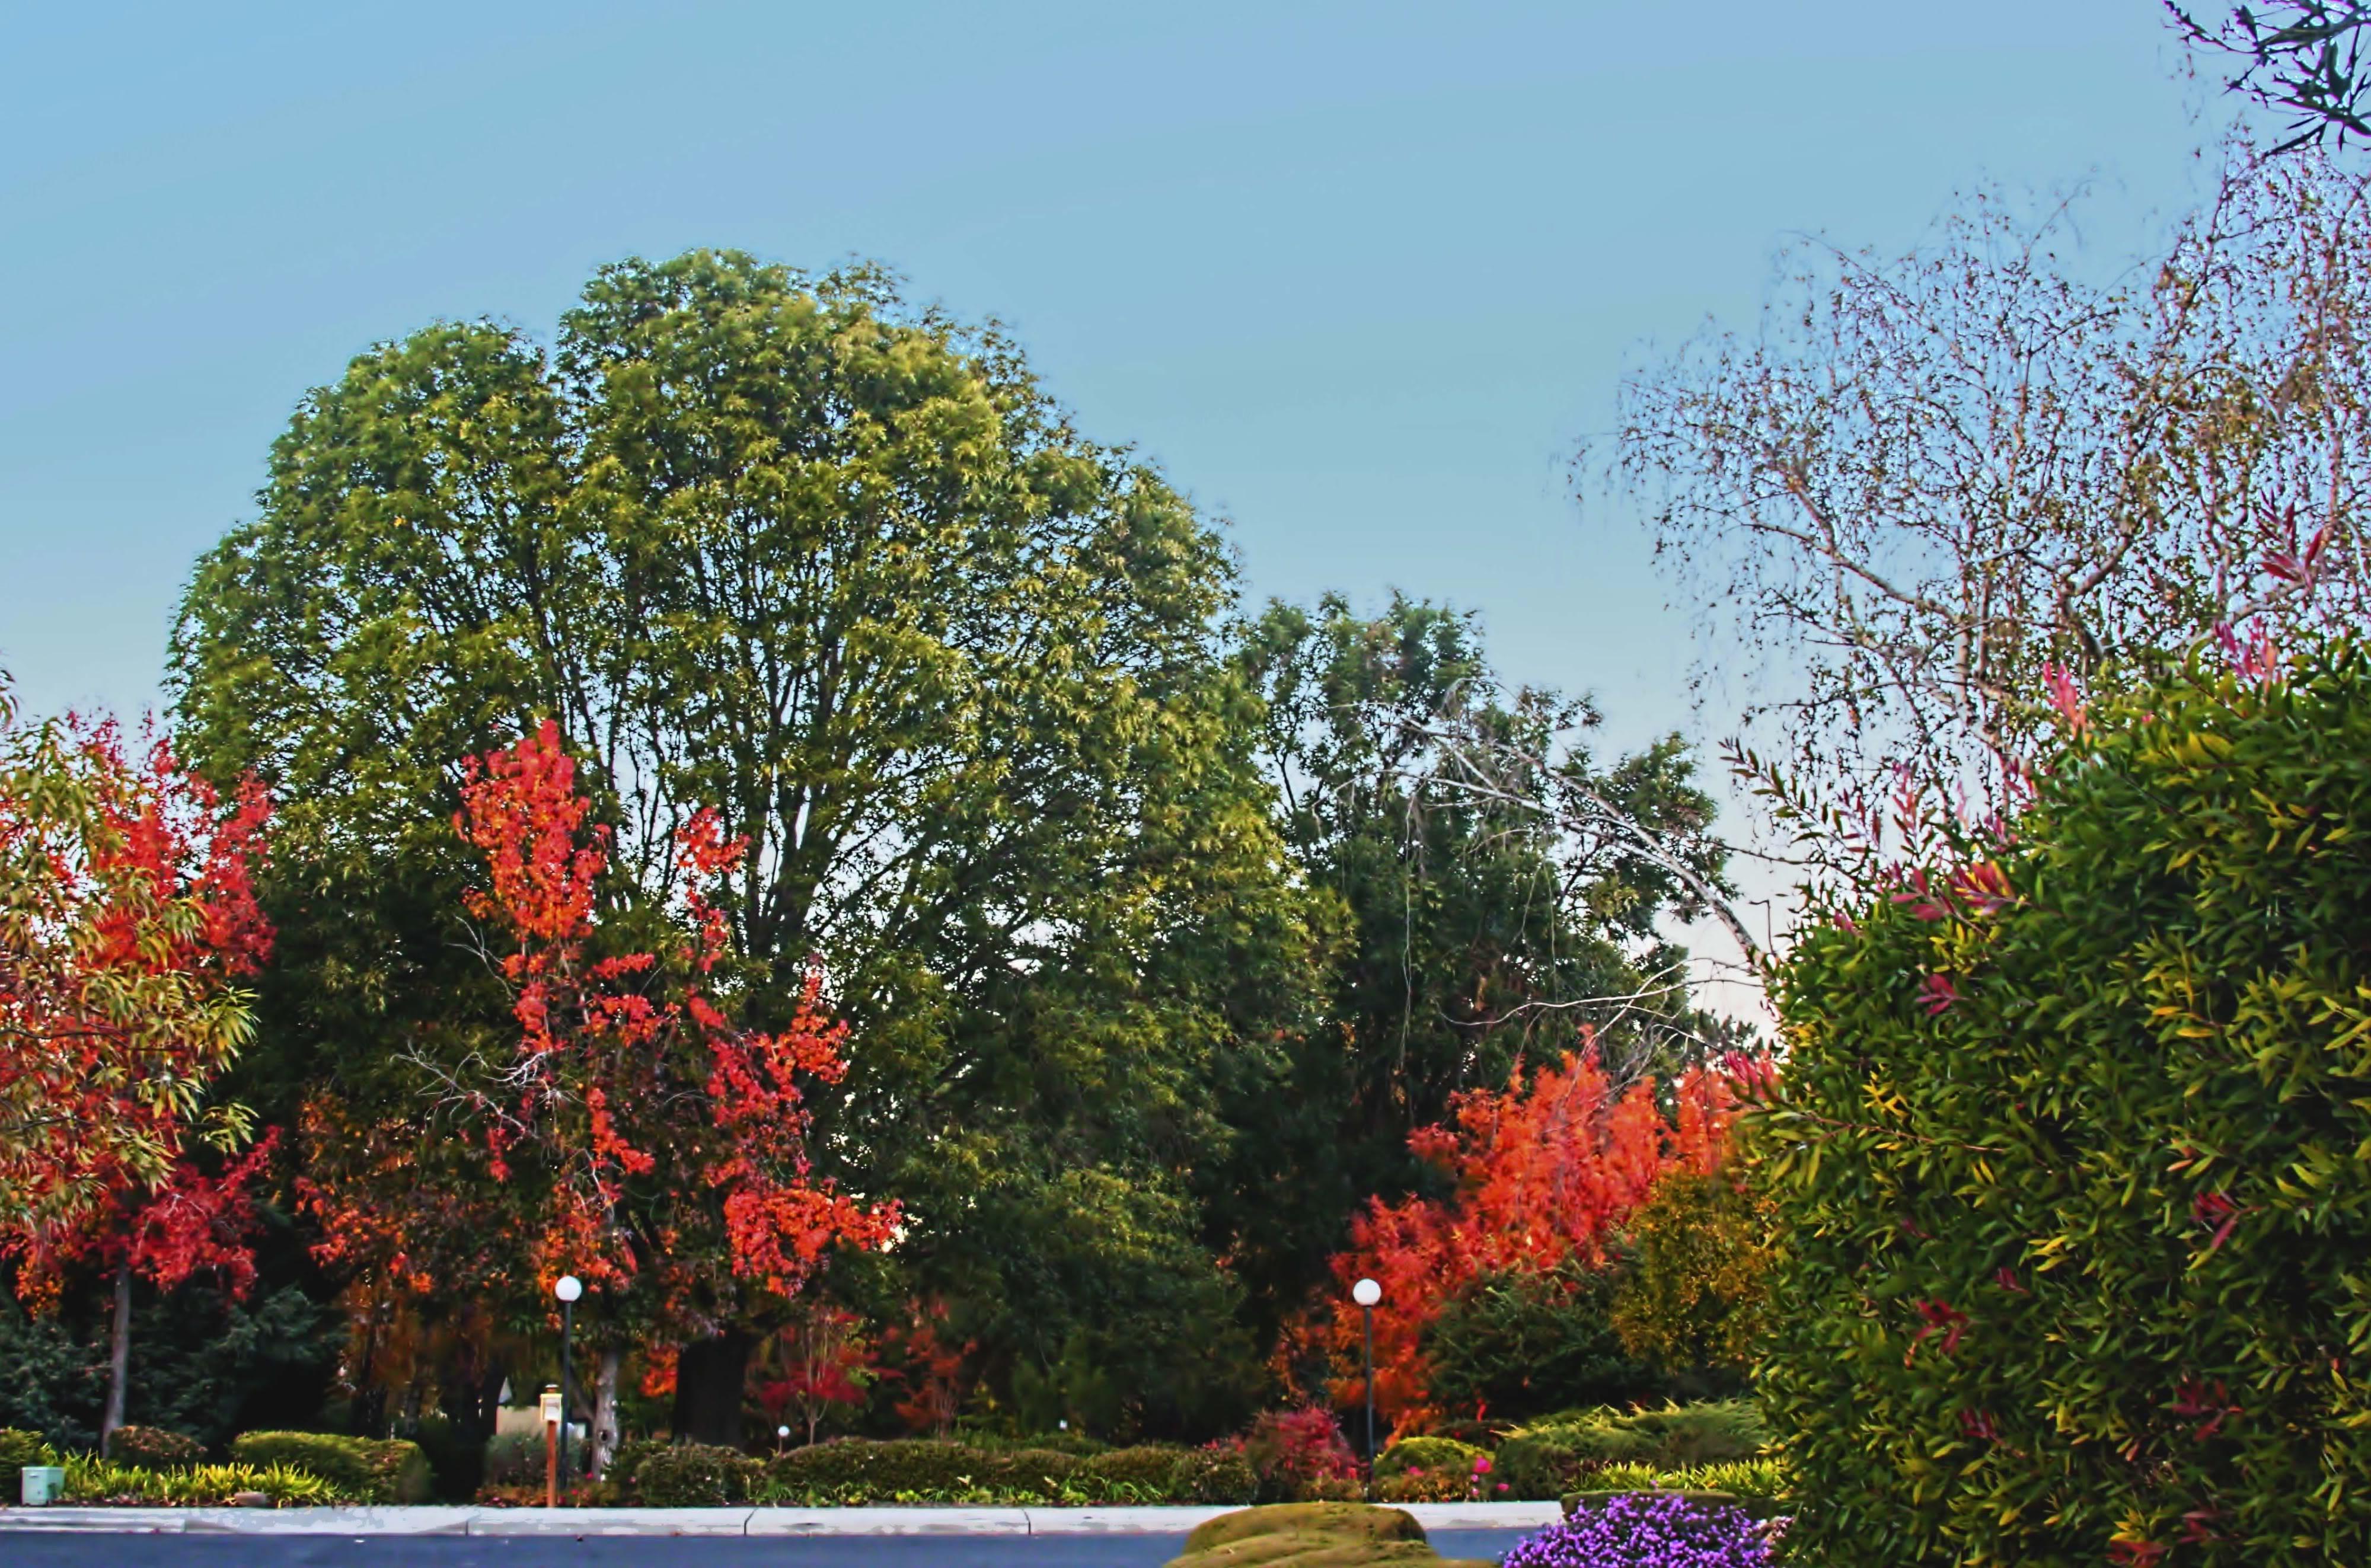 இயற்கை அழகு நிறைந்த காட்சிகள்  - Page 6 Colorfultrees